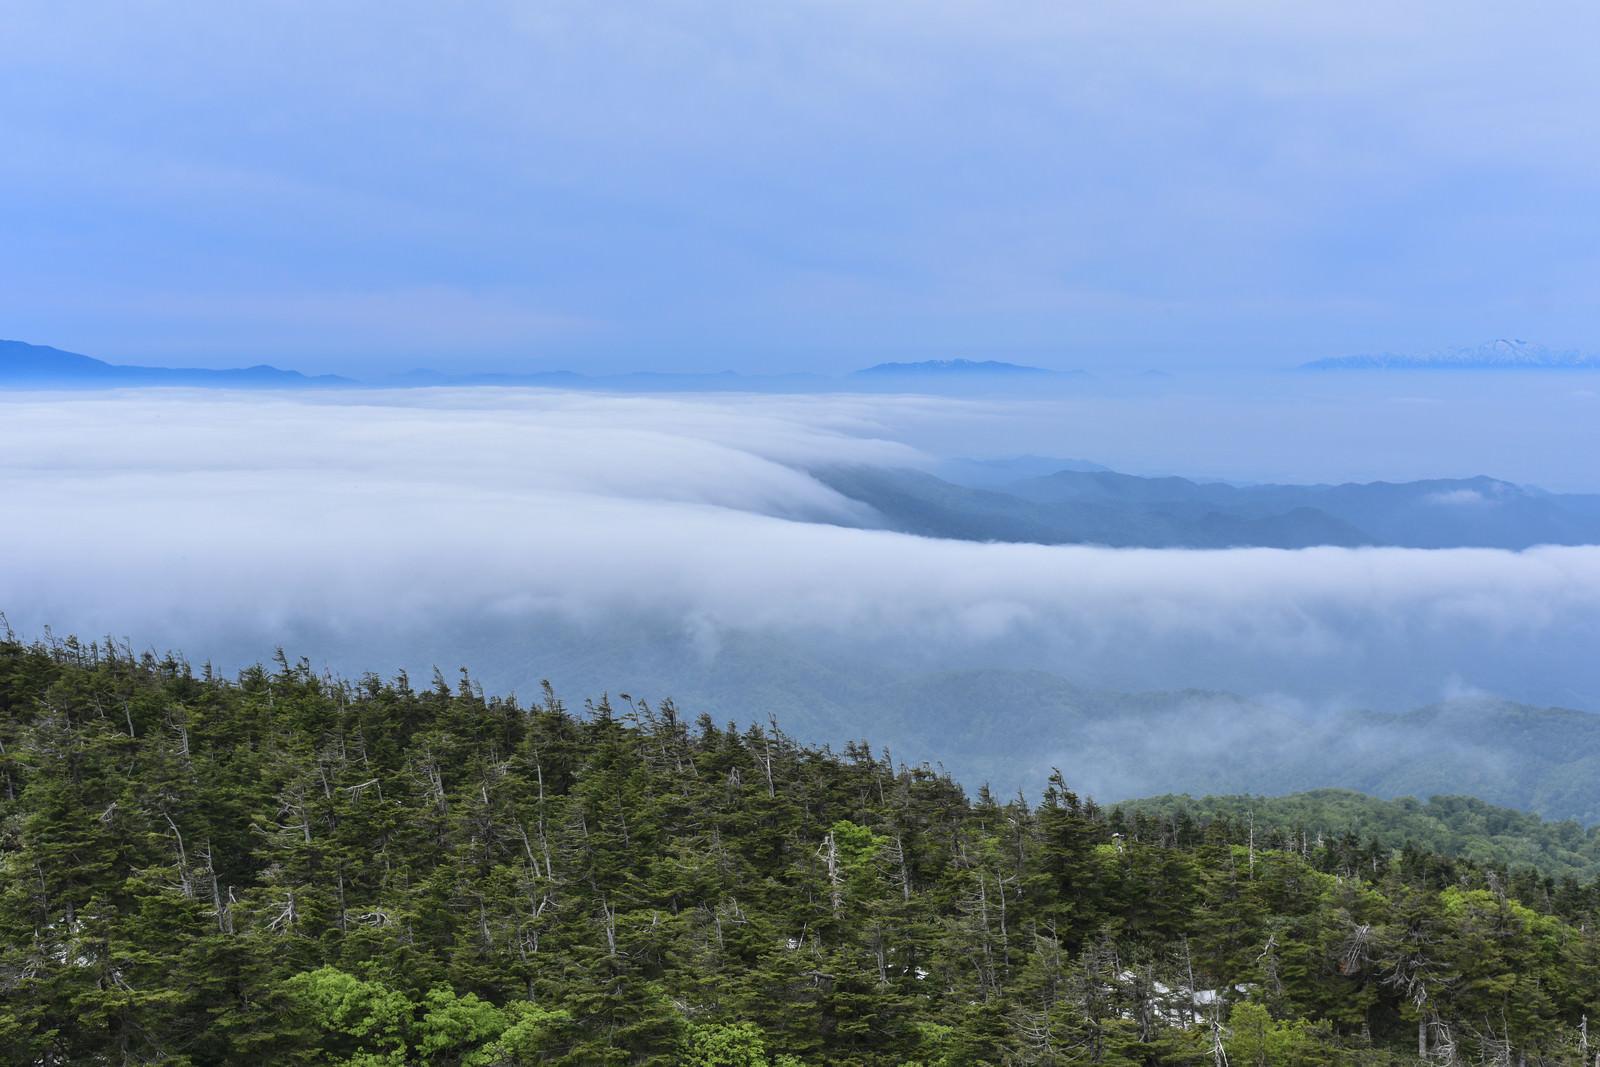 「滝雲と雲海の向こうに浮かぶ山々(蔵王)」の写真